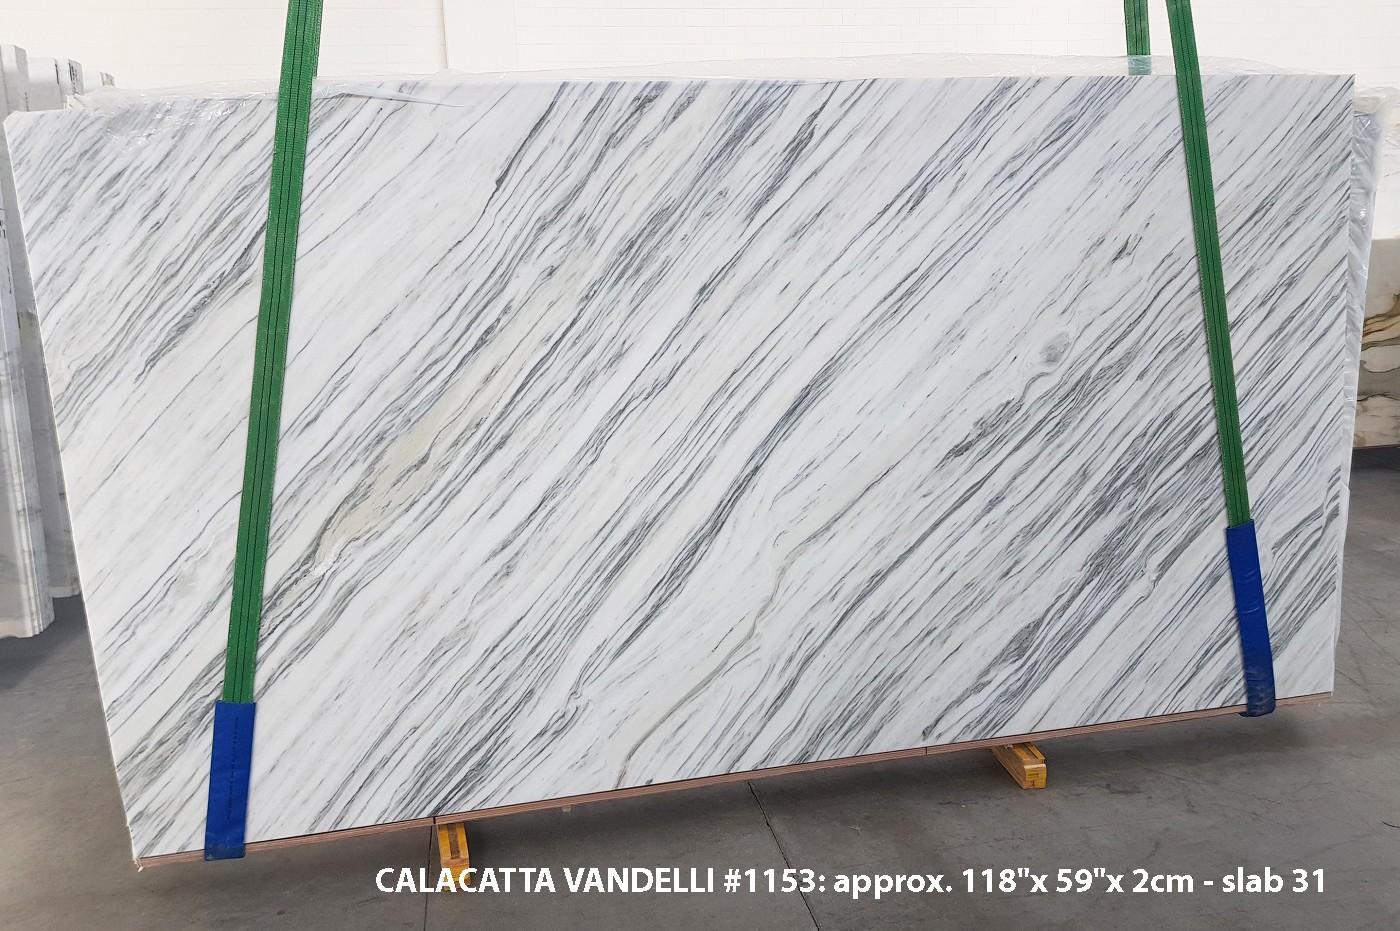 Calacatta Vandelli Suministro (Italia) de planchas pulidas en mármol natural 1153 , Slab #31